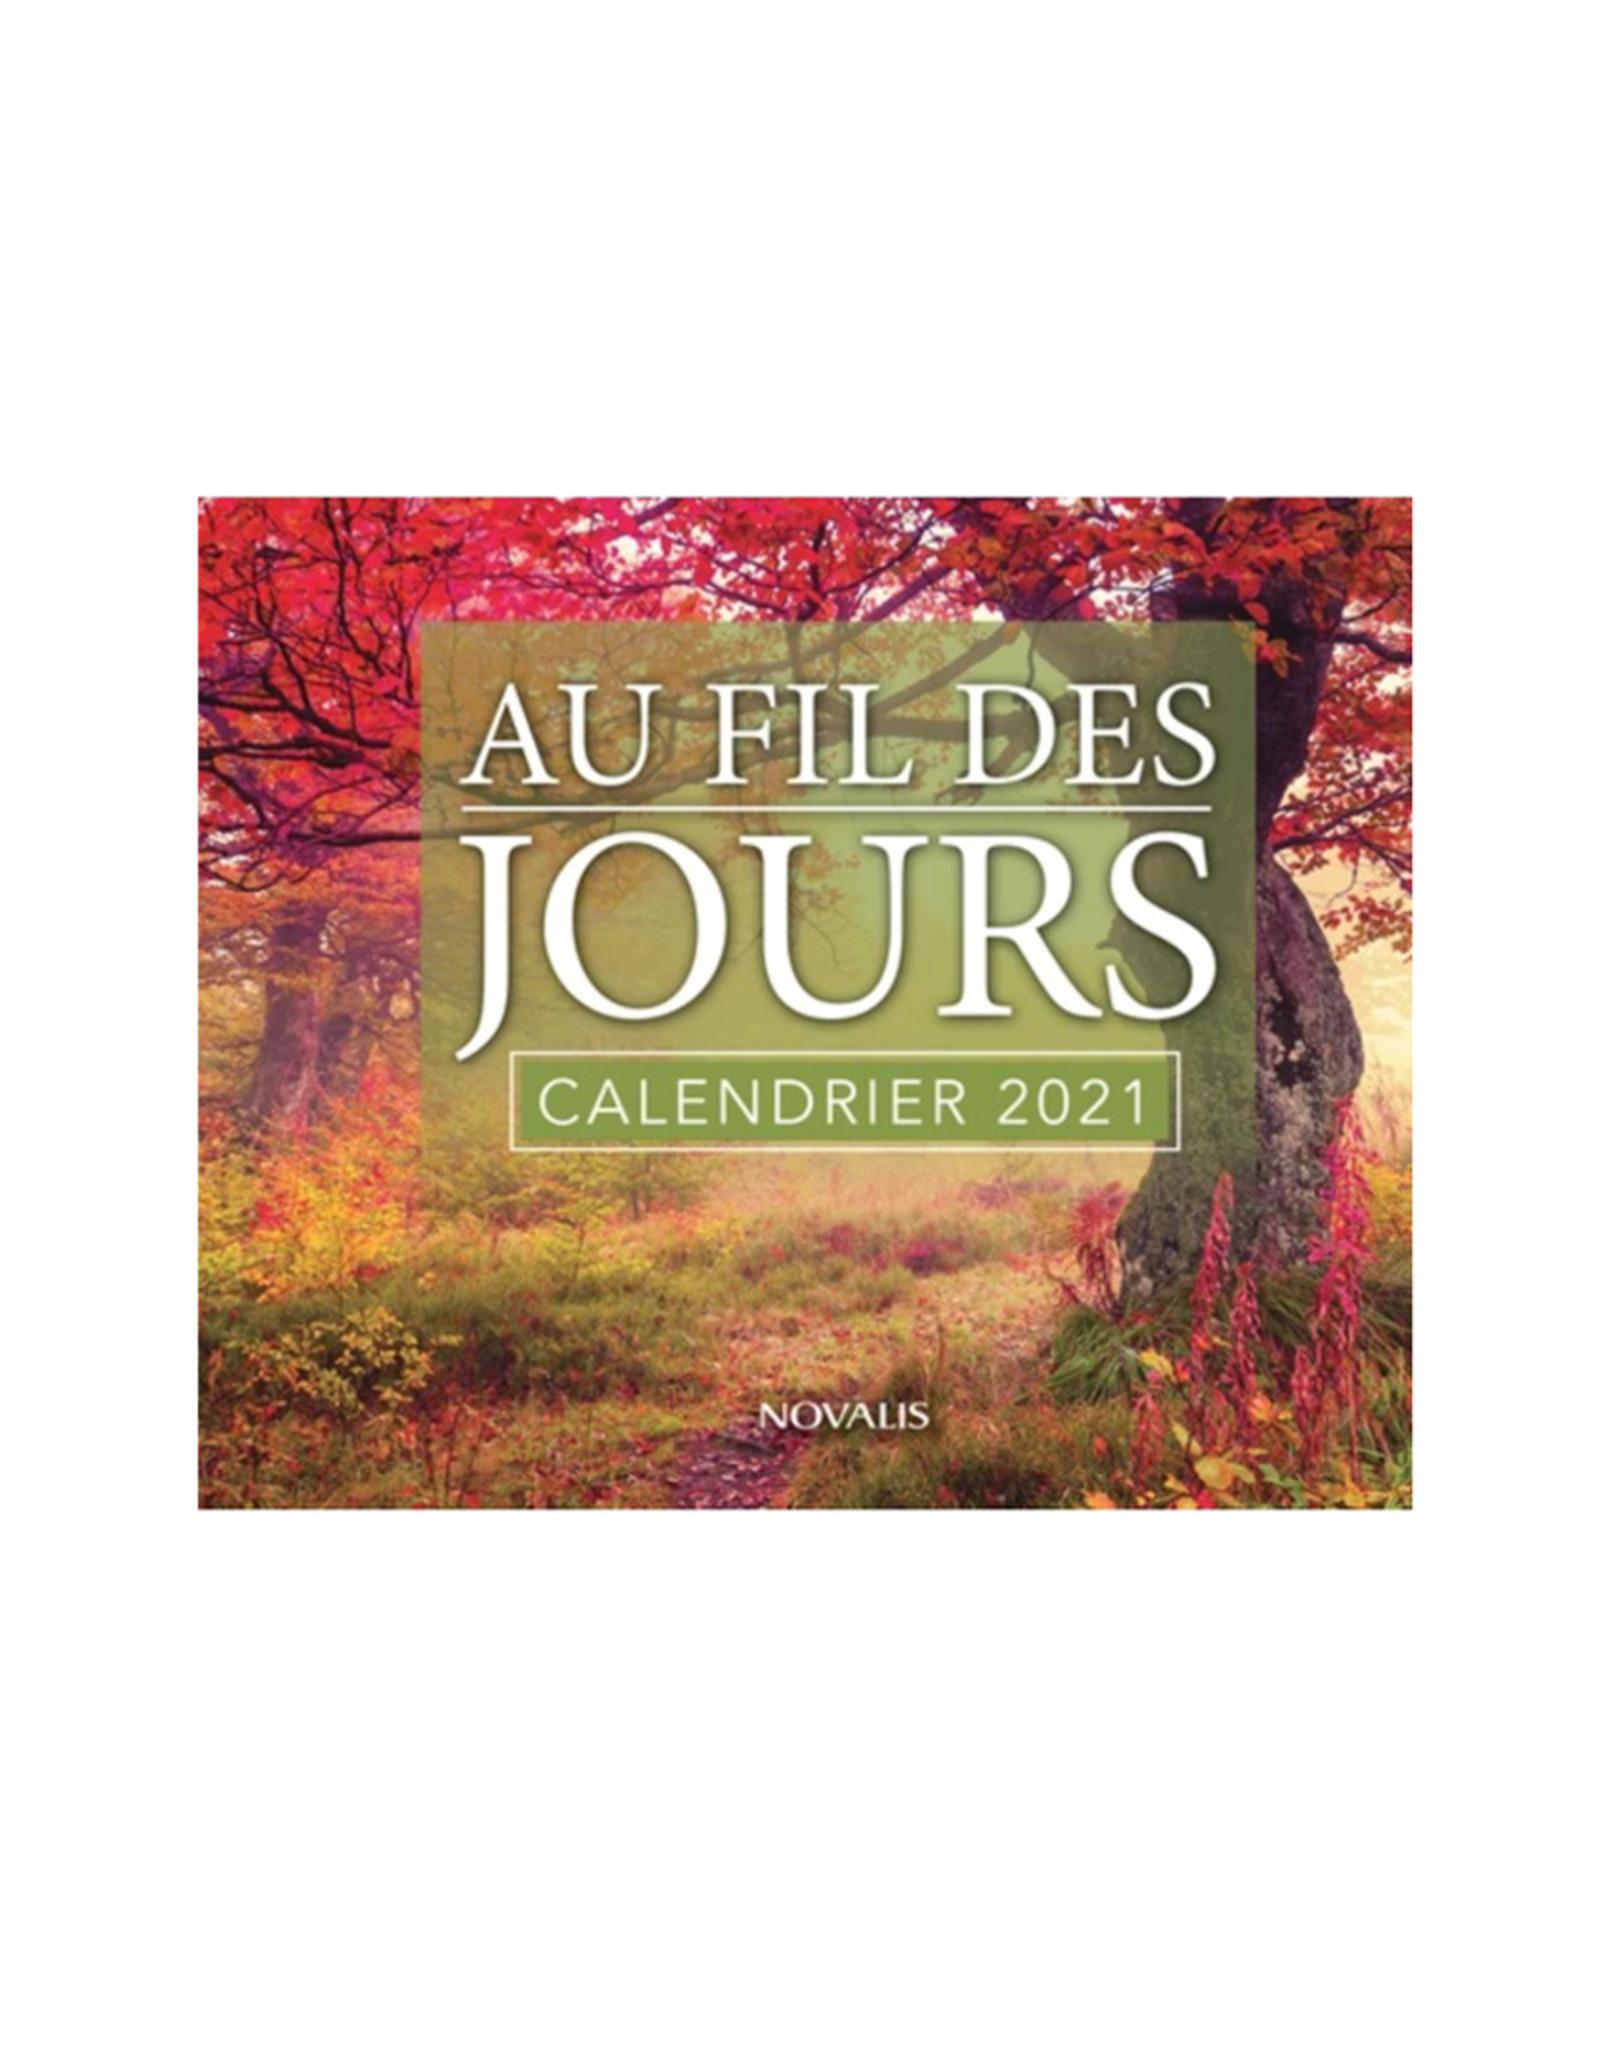 Novalis Au fil des jours - Calendrier 2021 (french)